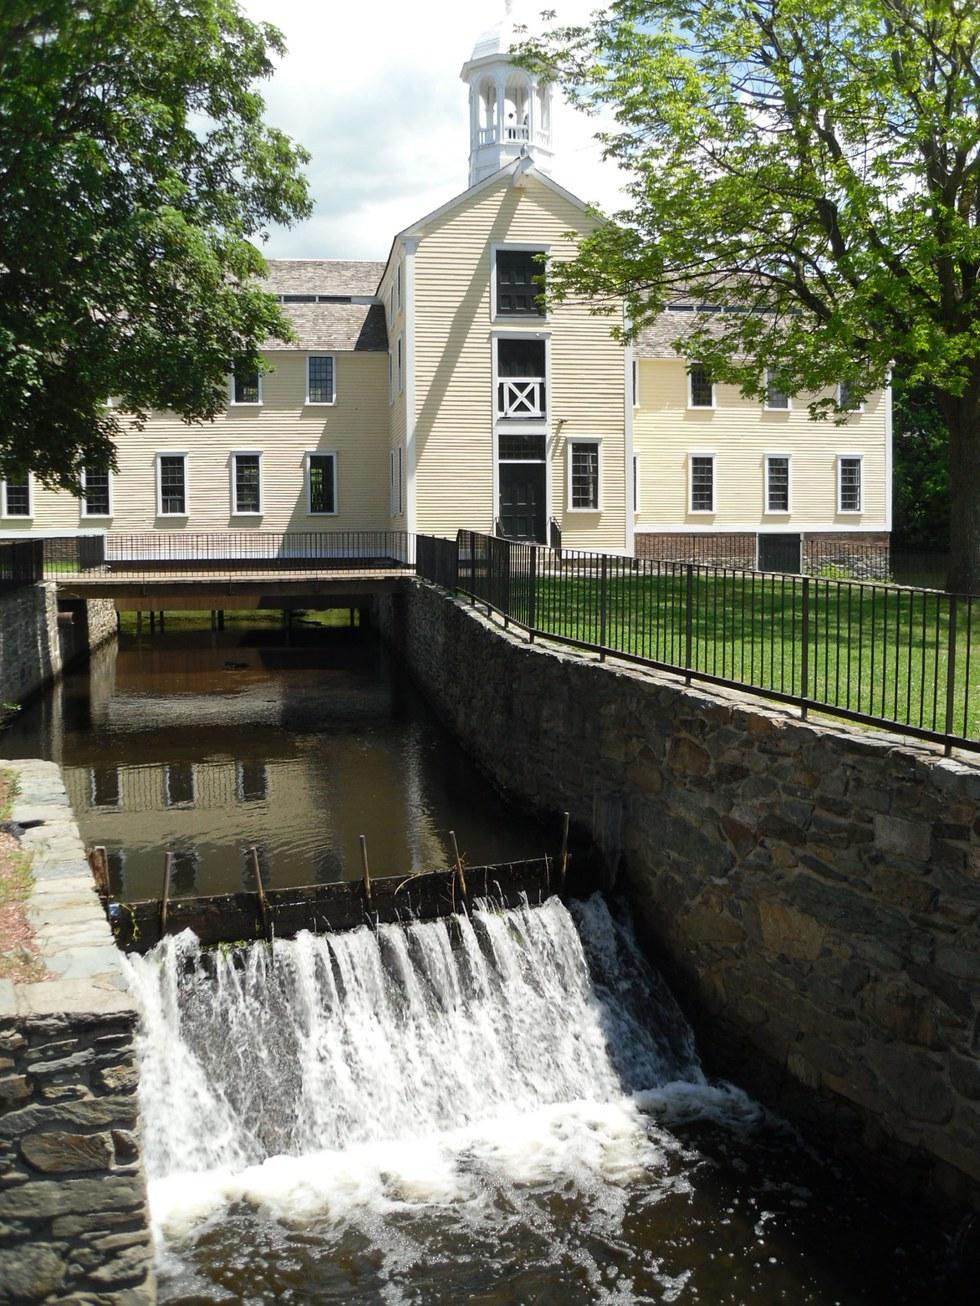 Pawtucket Slater Memorial Park